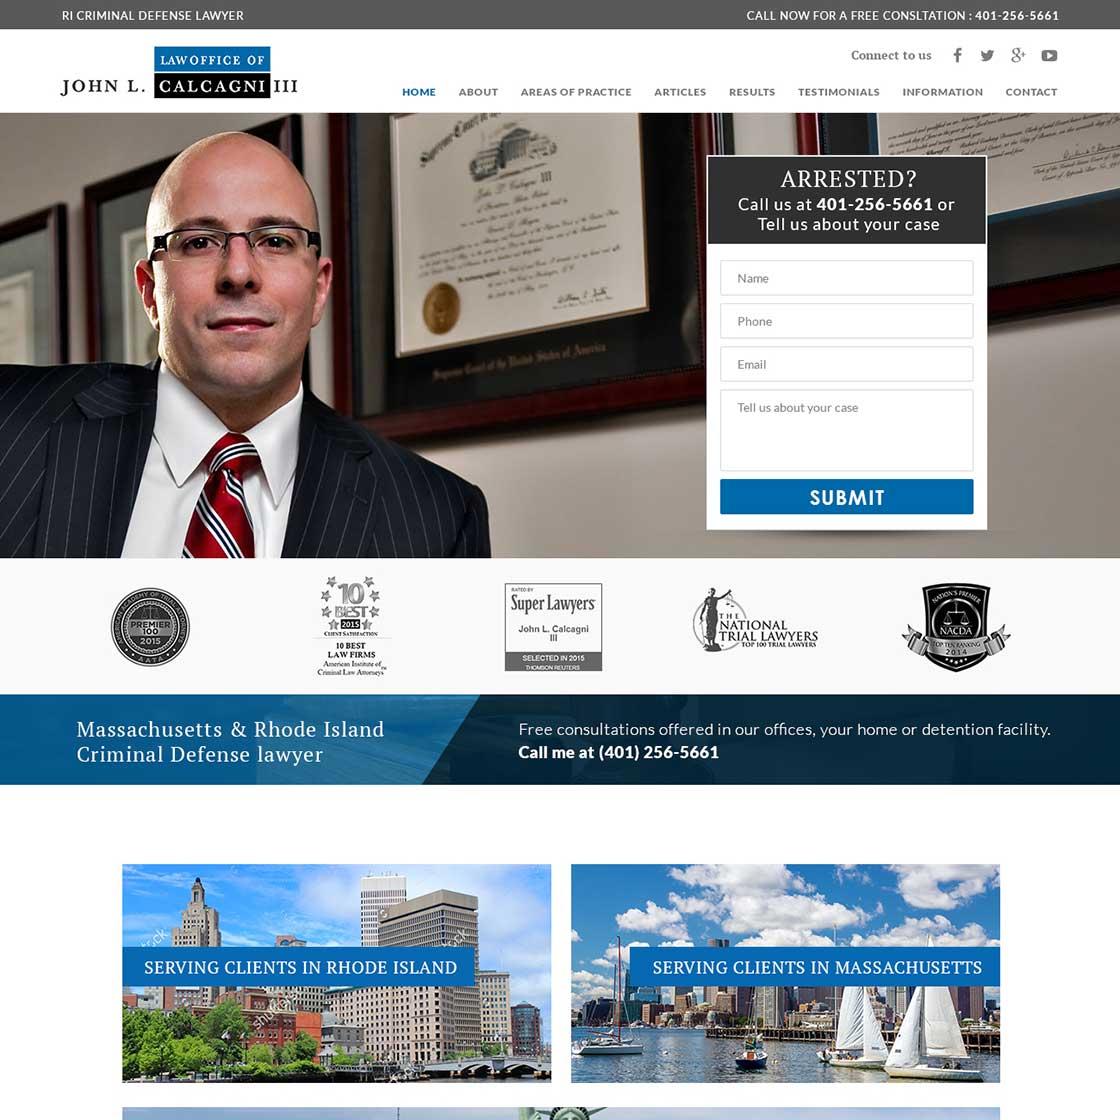 website designed by uiuxgurus